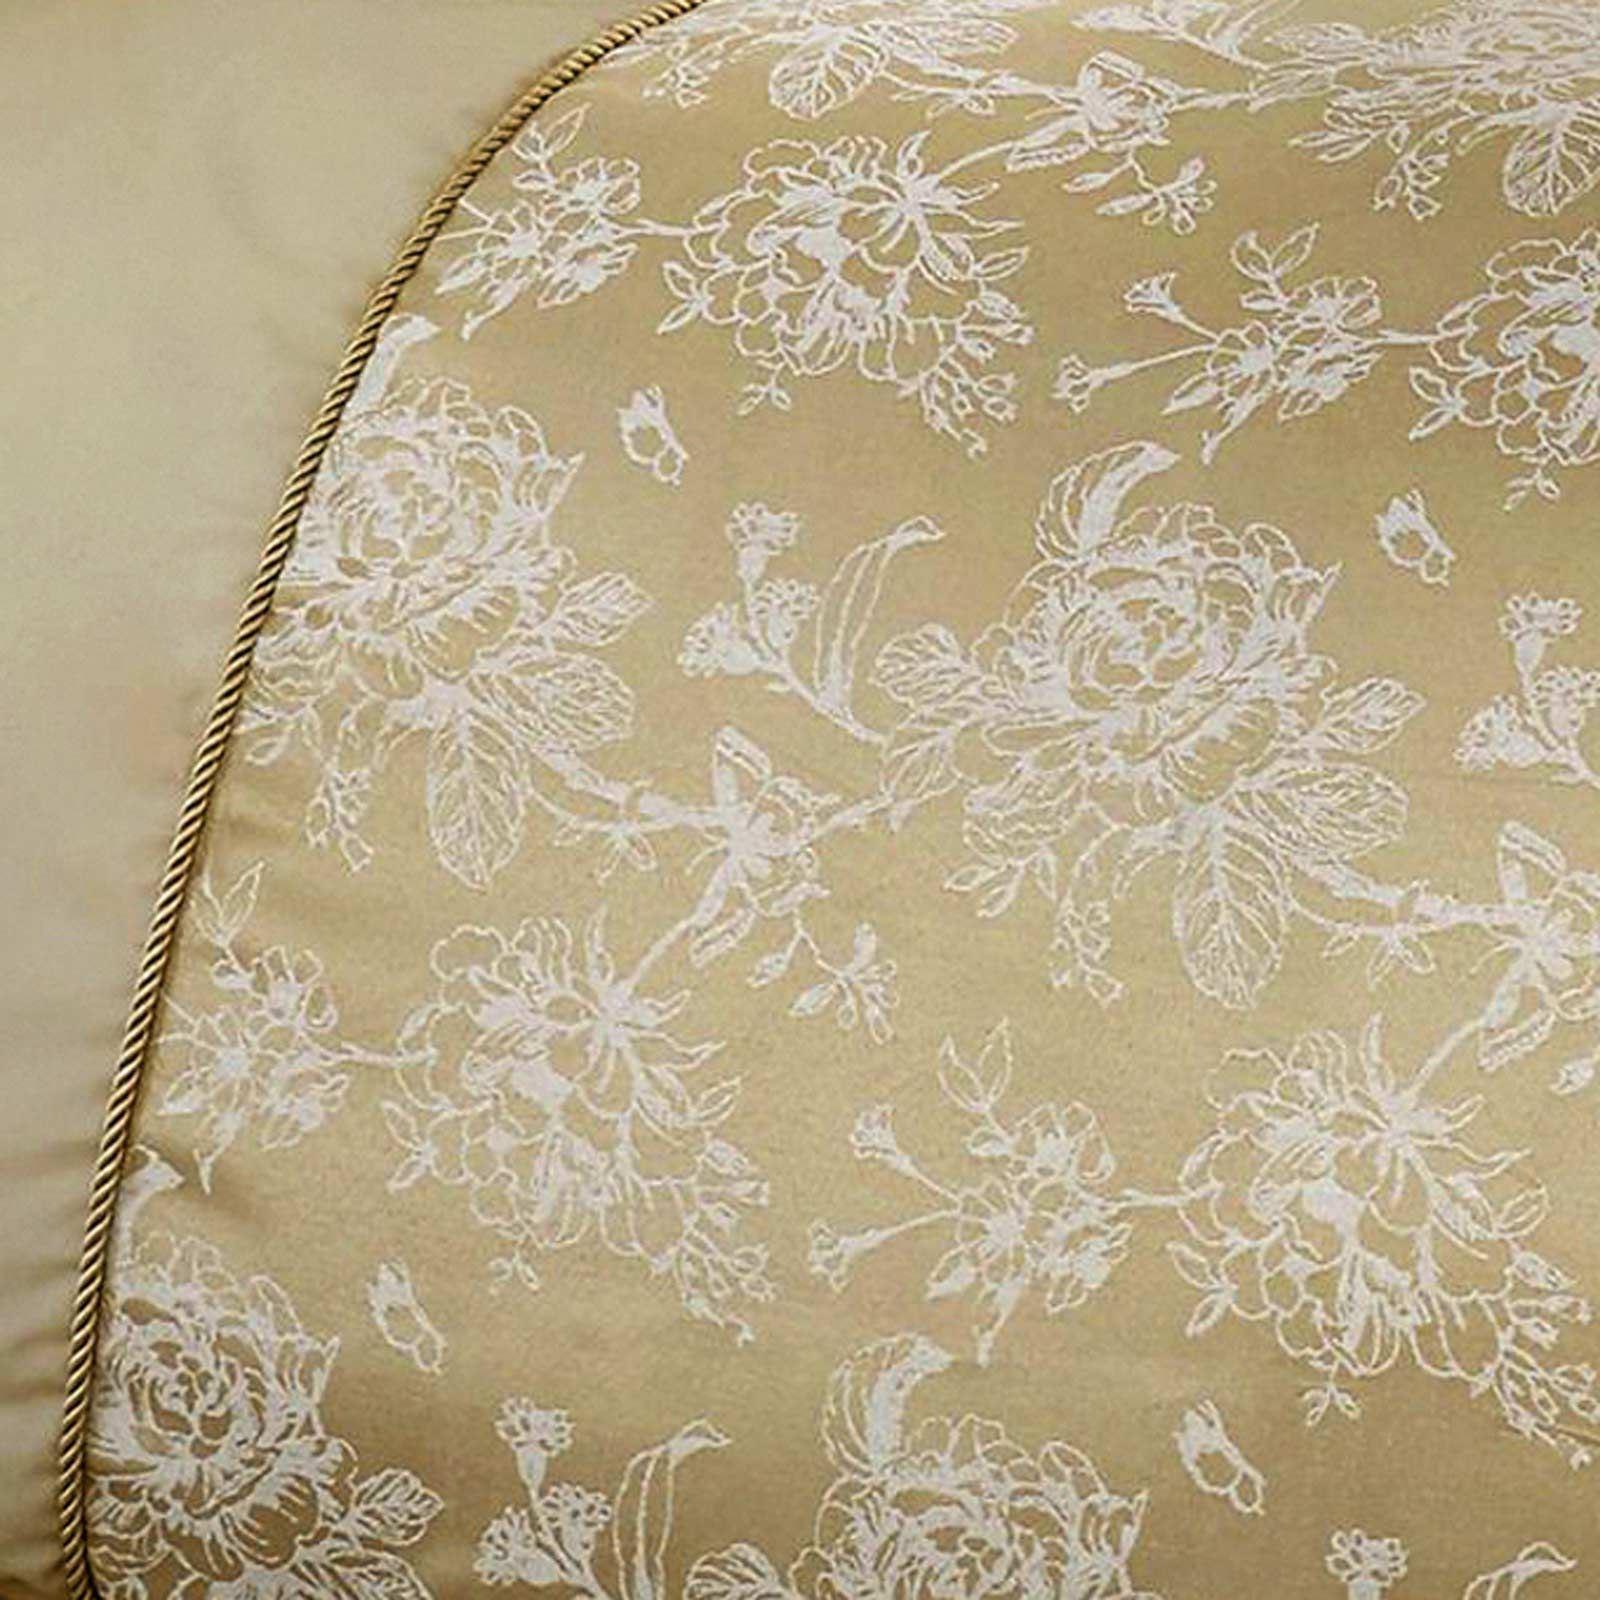 Oro-fundas-nordicas-Jasmine-floral-del-damasco-Edredon-Conjuntos-de-Lujo-Coleccion-de-ropa-de-cama miniatura 3